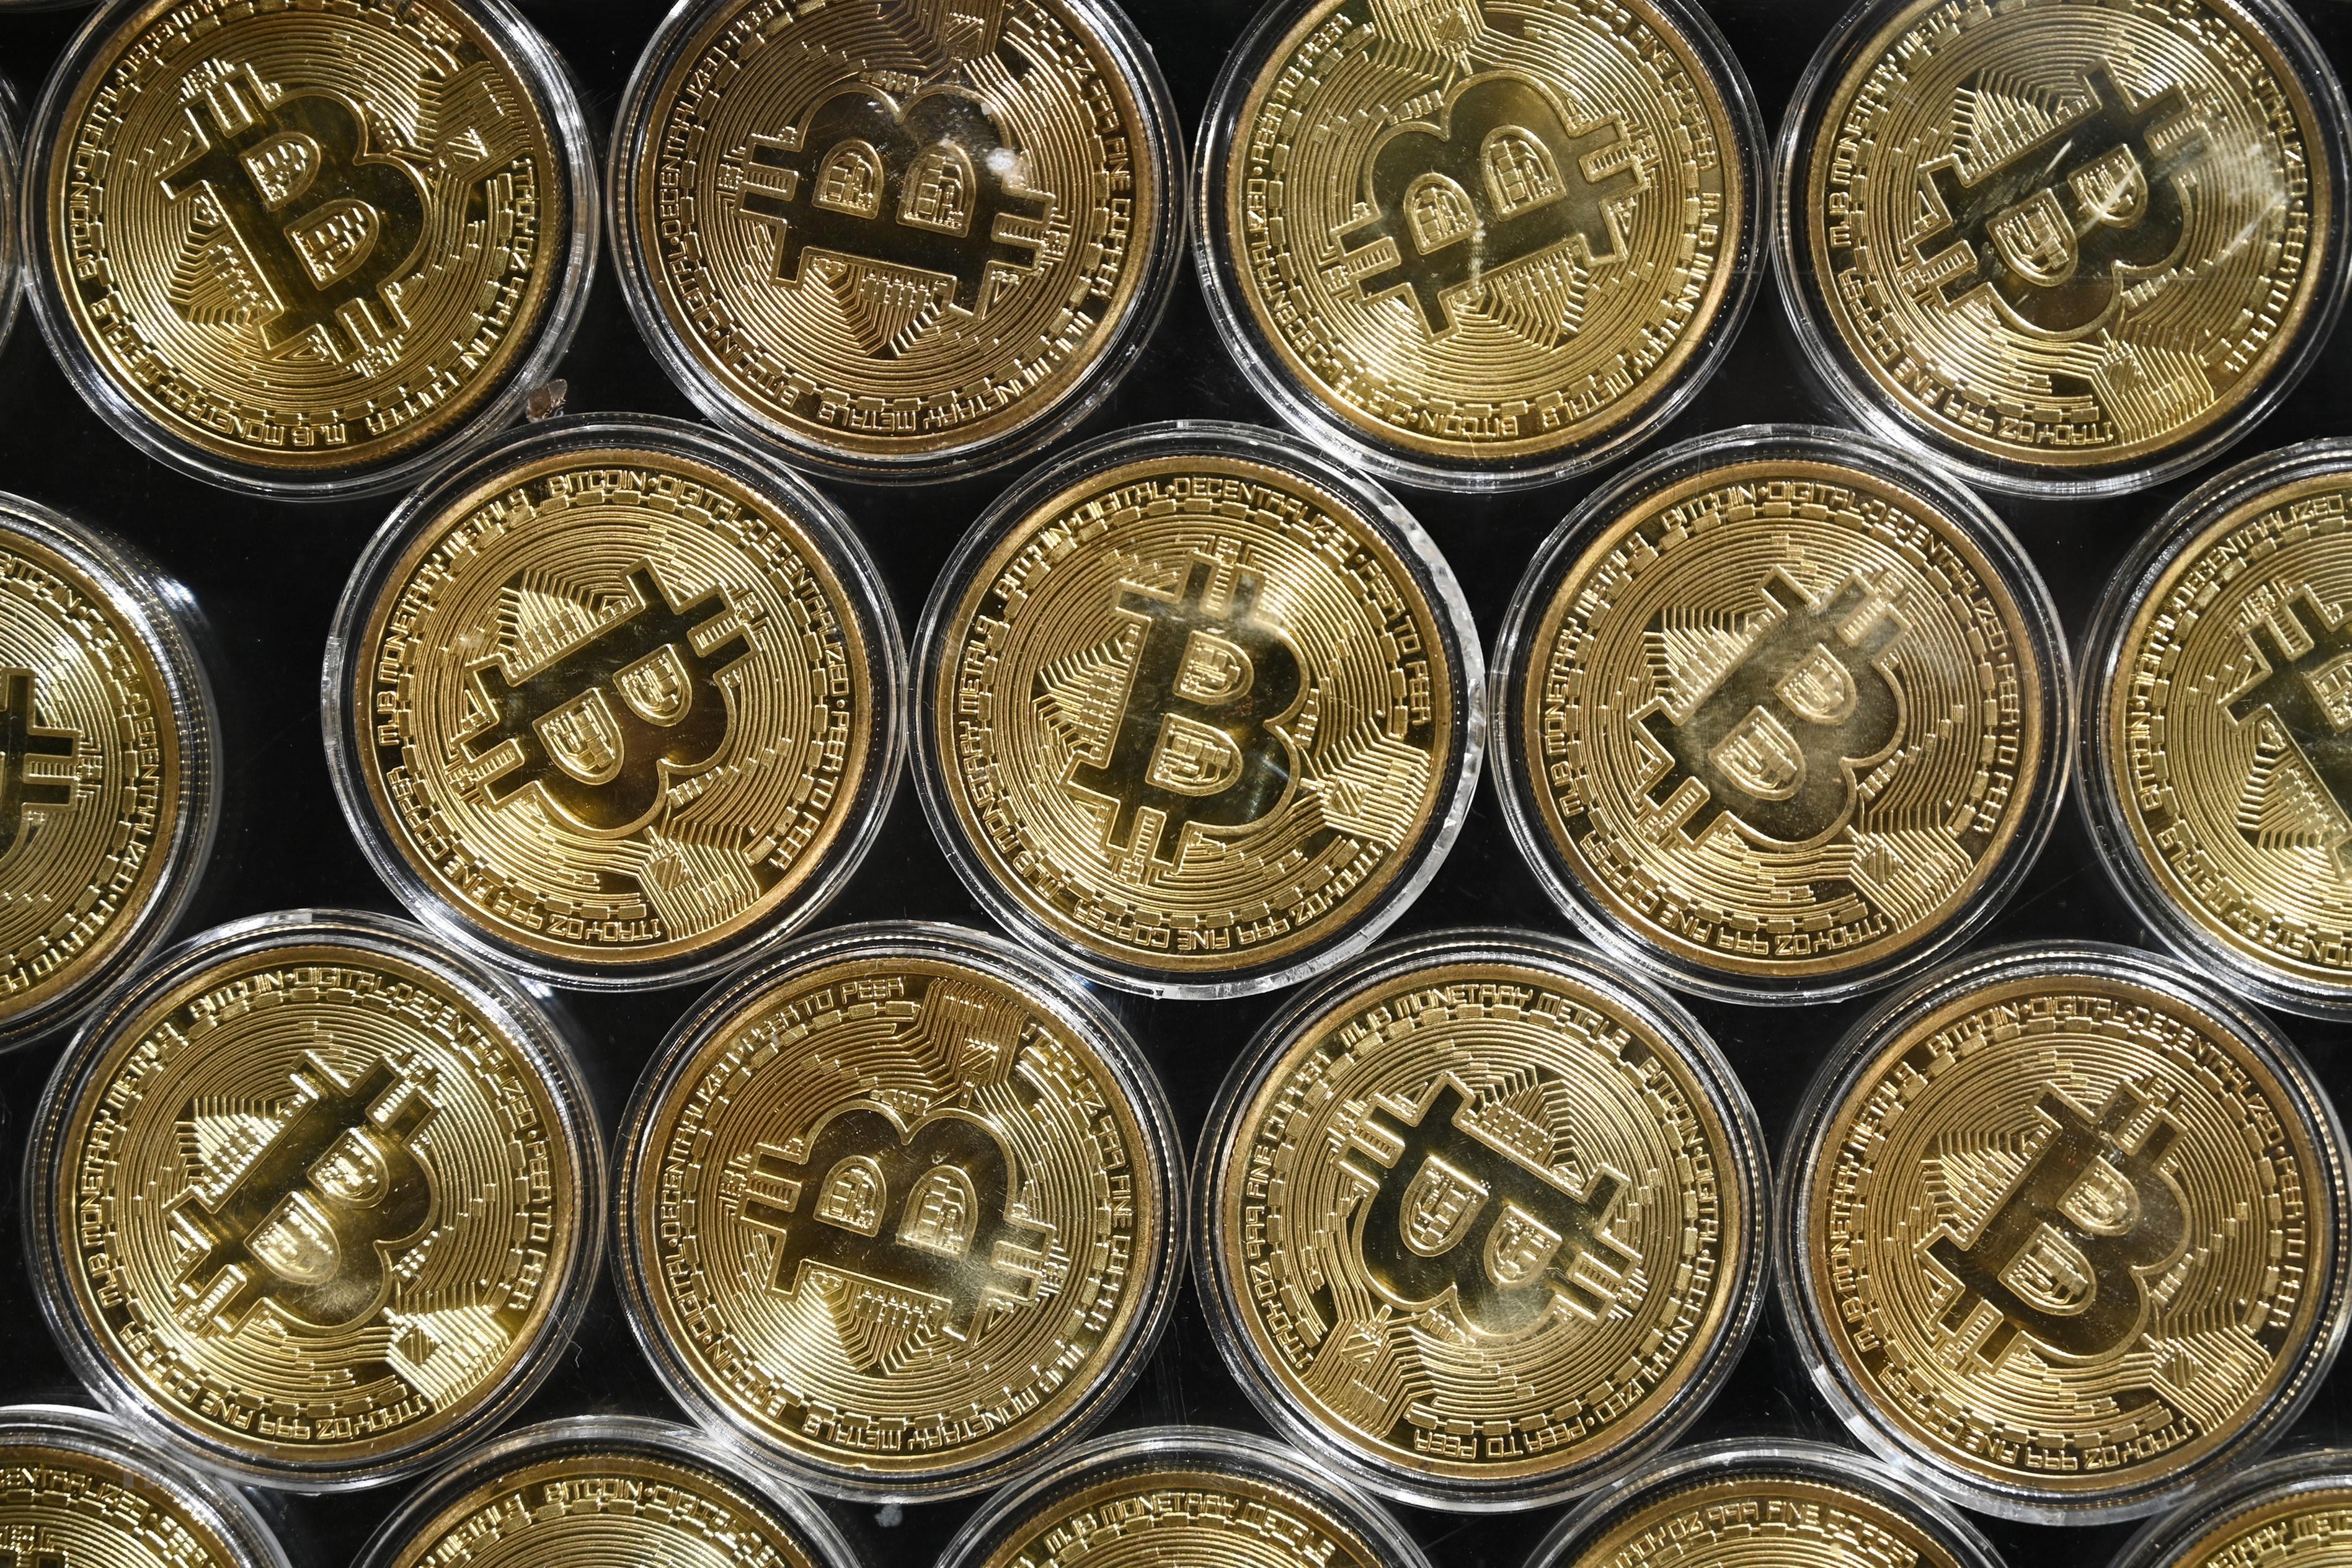 Bitcoin vượt ngưỡng 40.000 USD/BTC lần đầu tiên trong phiên 7/1 | Tài chính  | Vietnam+ (VietnamPlus)